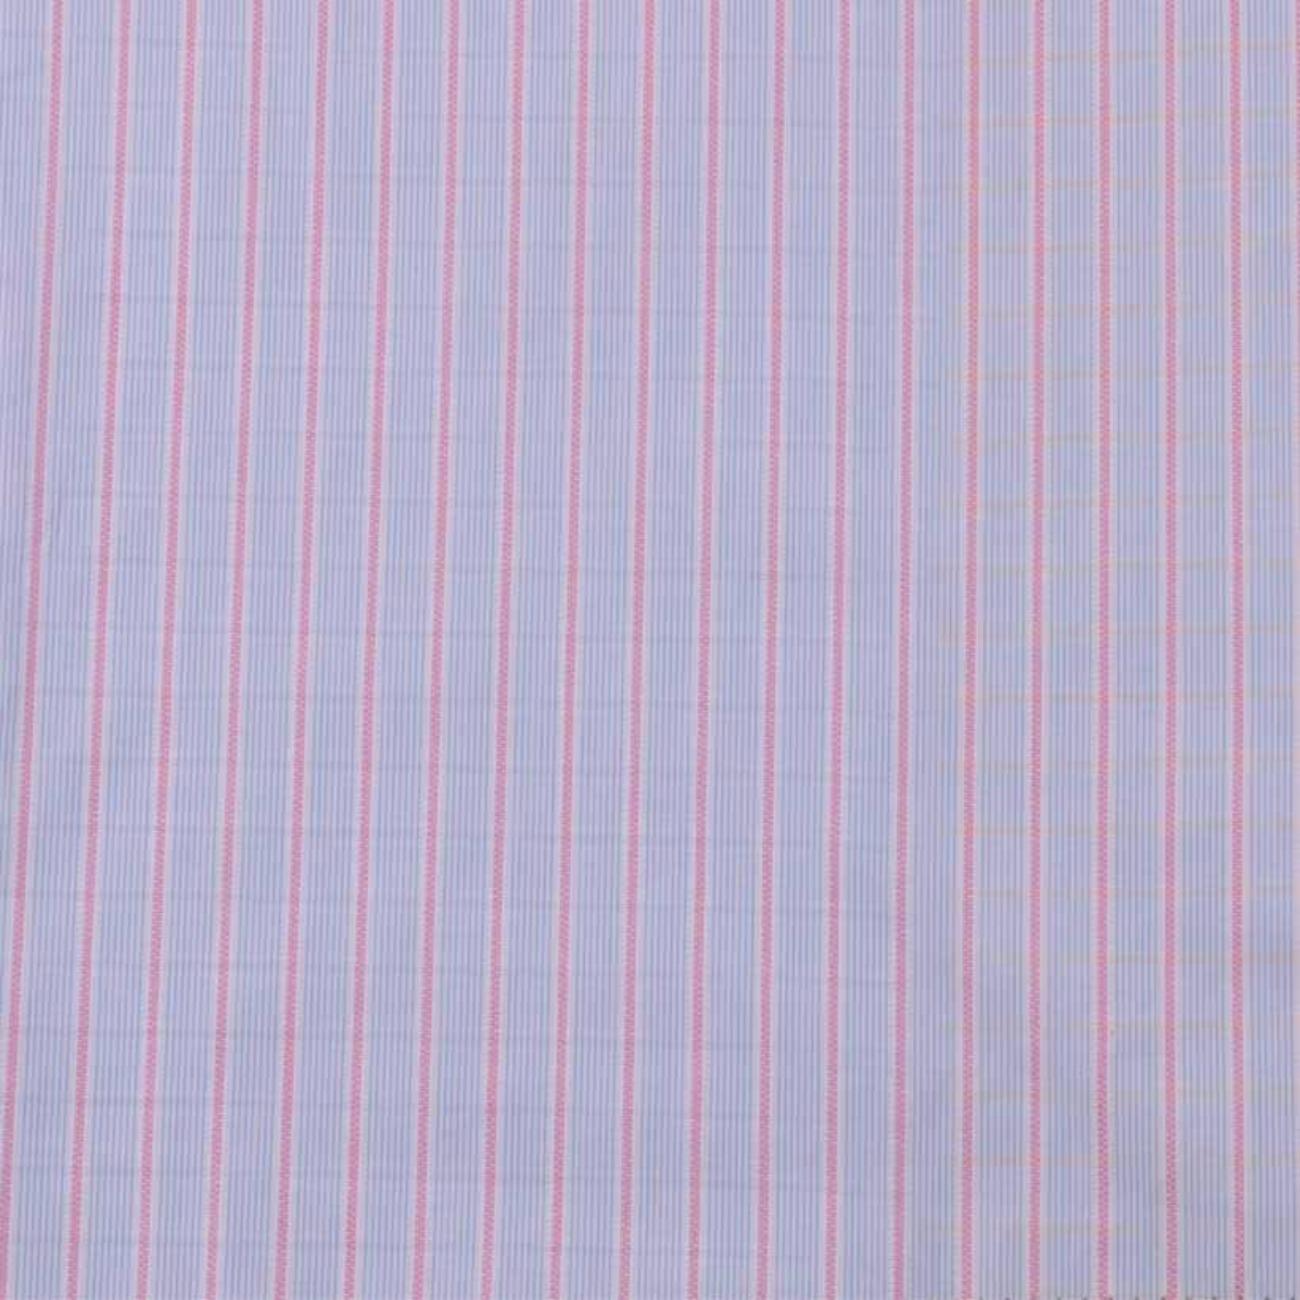 现货条子梭织色织提花低弹休闲时尚风格 衬衫 连衣裙 短裙 棉感 60929-46